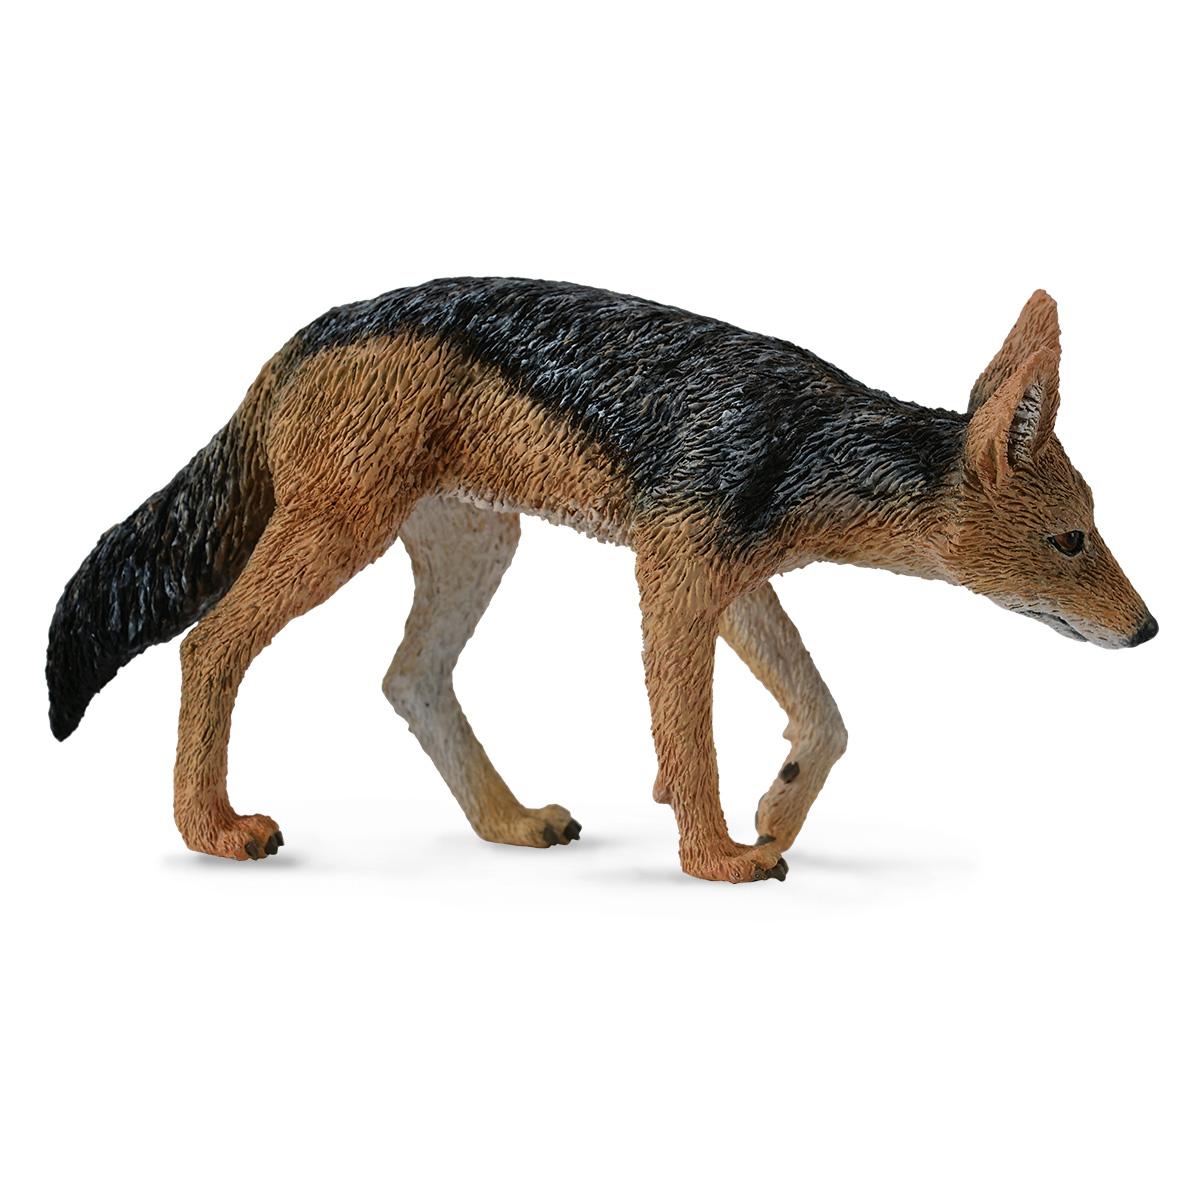 Фигурка животного Чепрачный шакал, длина 7.7 смФигурка животного Чепрачный шакал сможет порадовать как мальчишек, так и девчонок. Фигурка тщательно проработана, благодаря чему ее внешний облик практически не отличается от настоящего животного. Такая фигурка сможет прекрасно вписаться в коллекцию игрушечных животных, а также стать игрушкой, которую можно использовать в различных игровых сюжетах.<br>